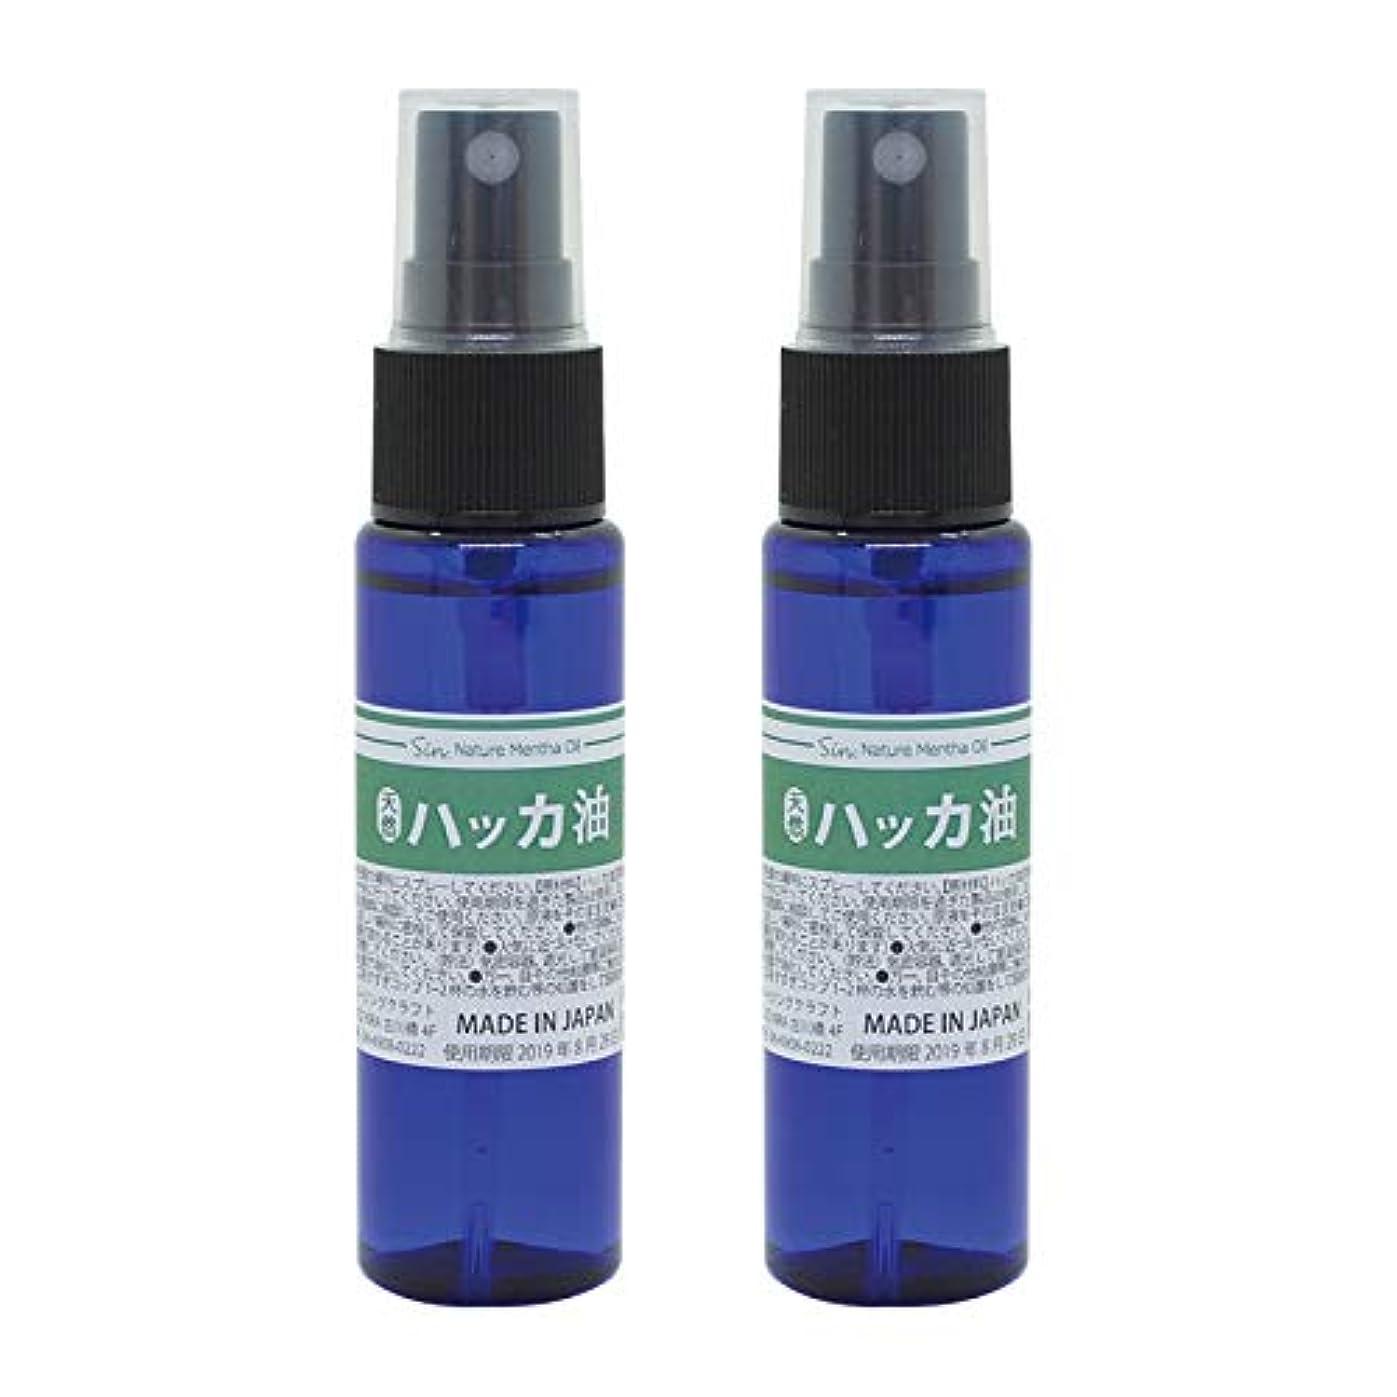 甘味意義傘日本製 天然ハッカ油(ハッカオイル) スプレー 30mL×2本